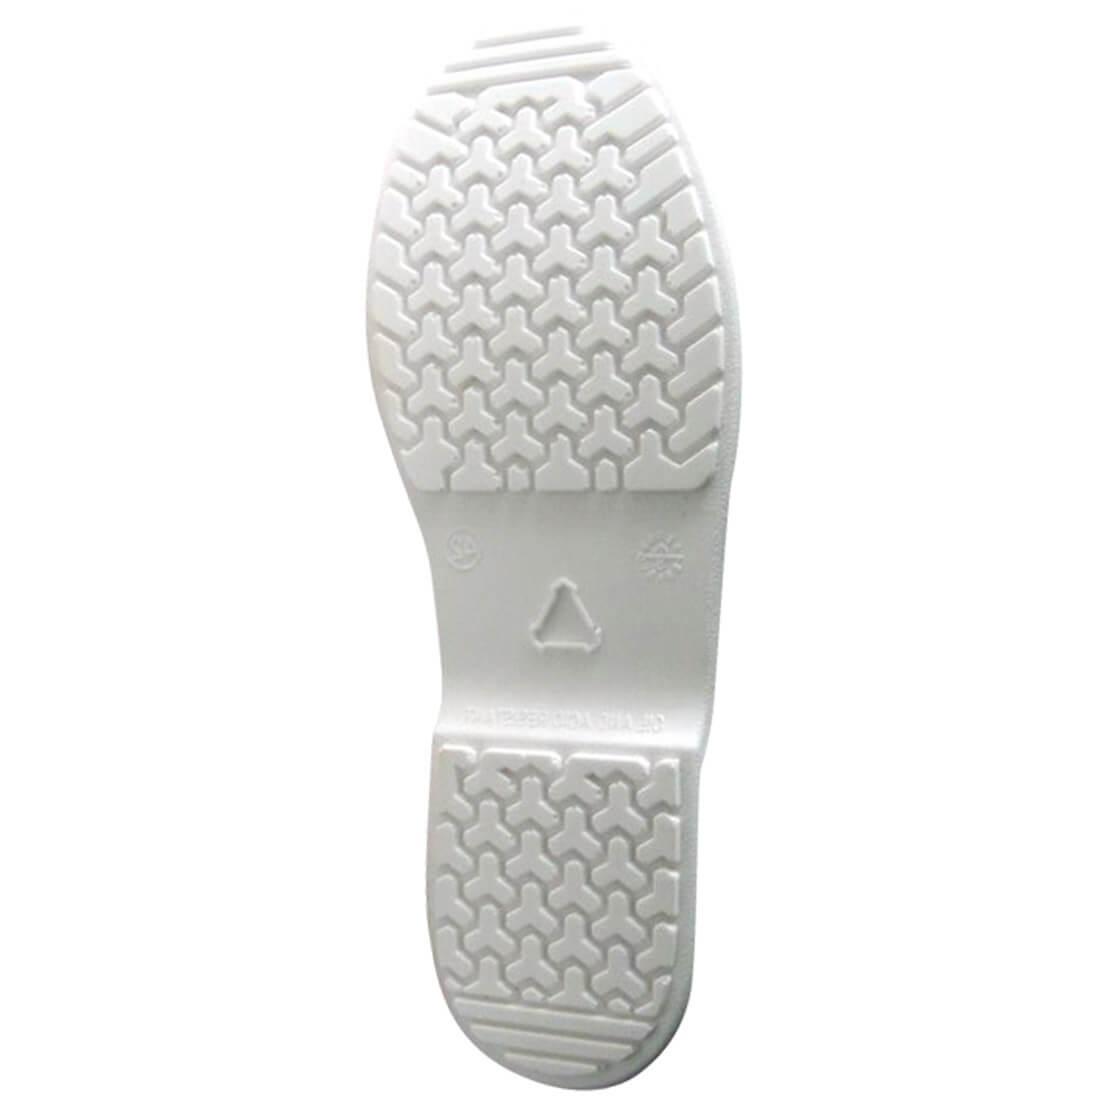 Sabot Perforat Compositelite™ ESD SB AE - Incaltaminte de protectie